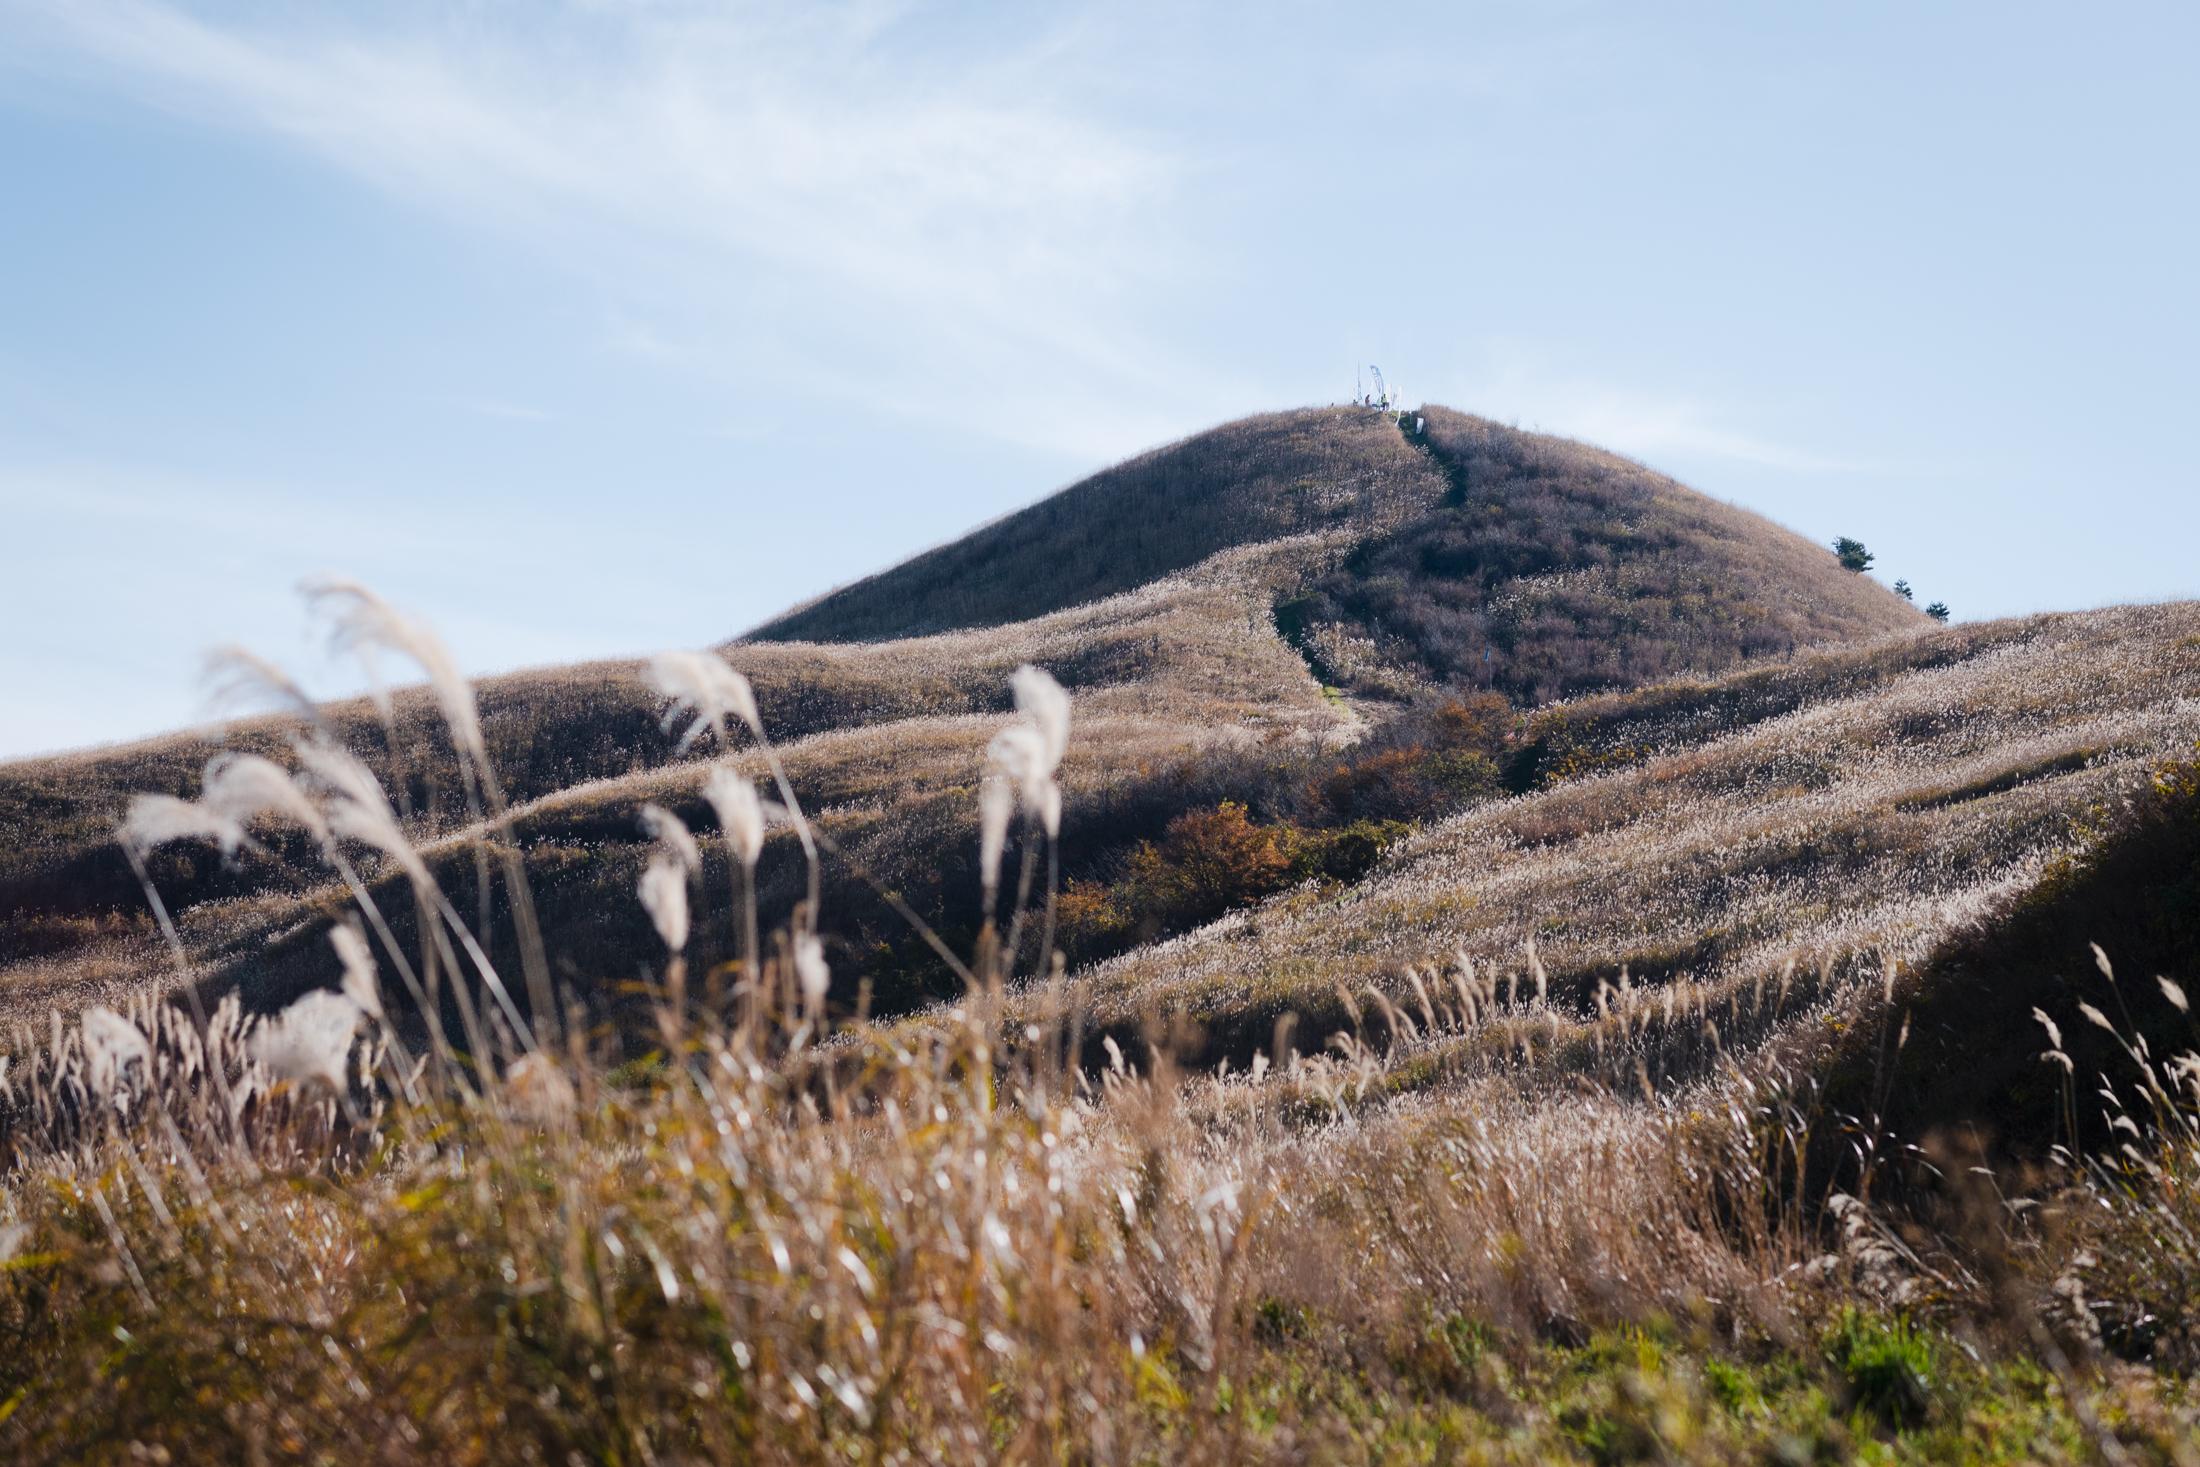 ススキに覆われた塩塚峰山頂付近 ©えひめさんさん物語/四国中央スカイラン